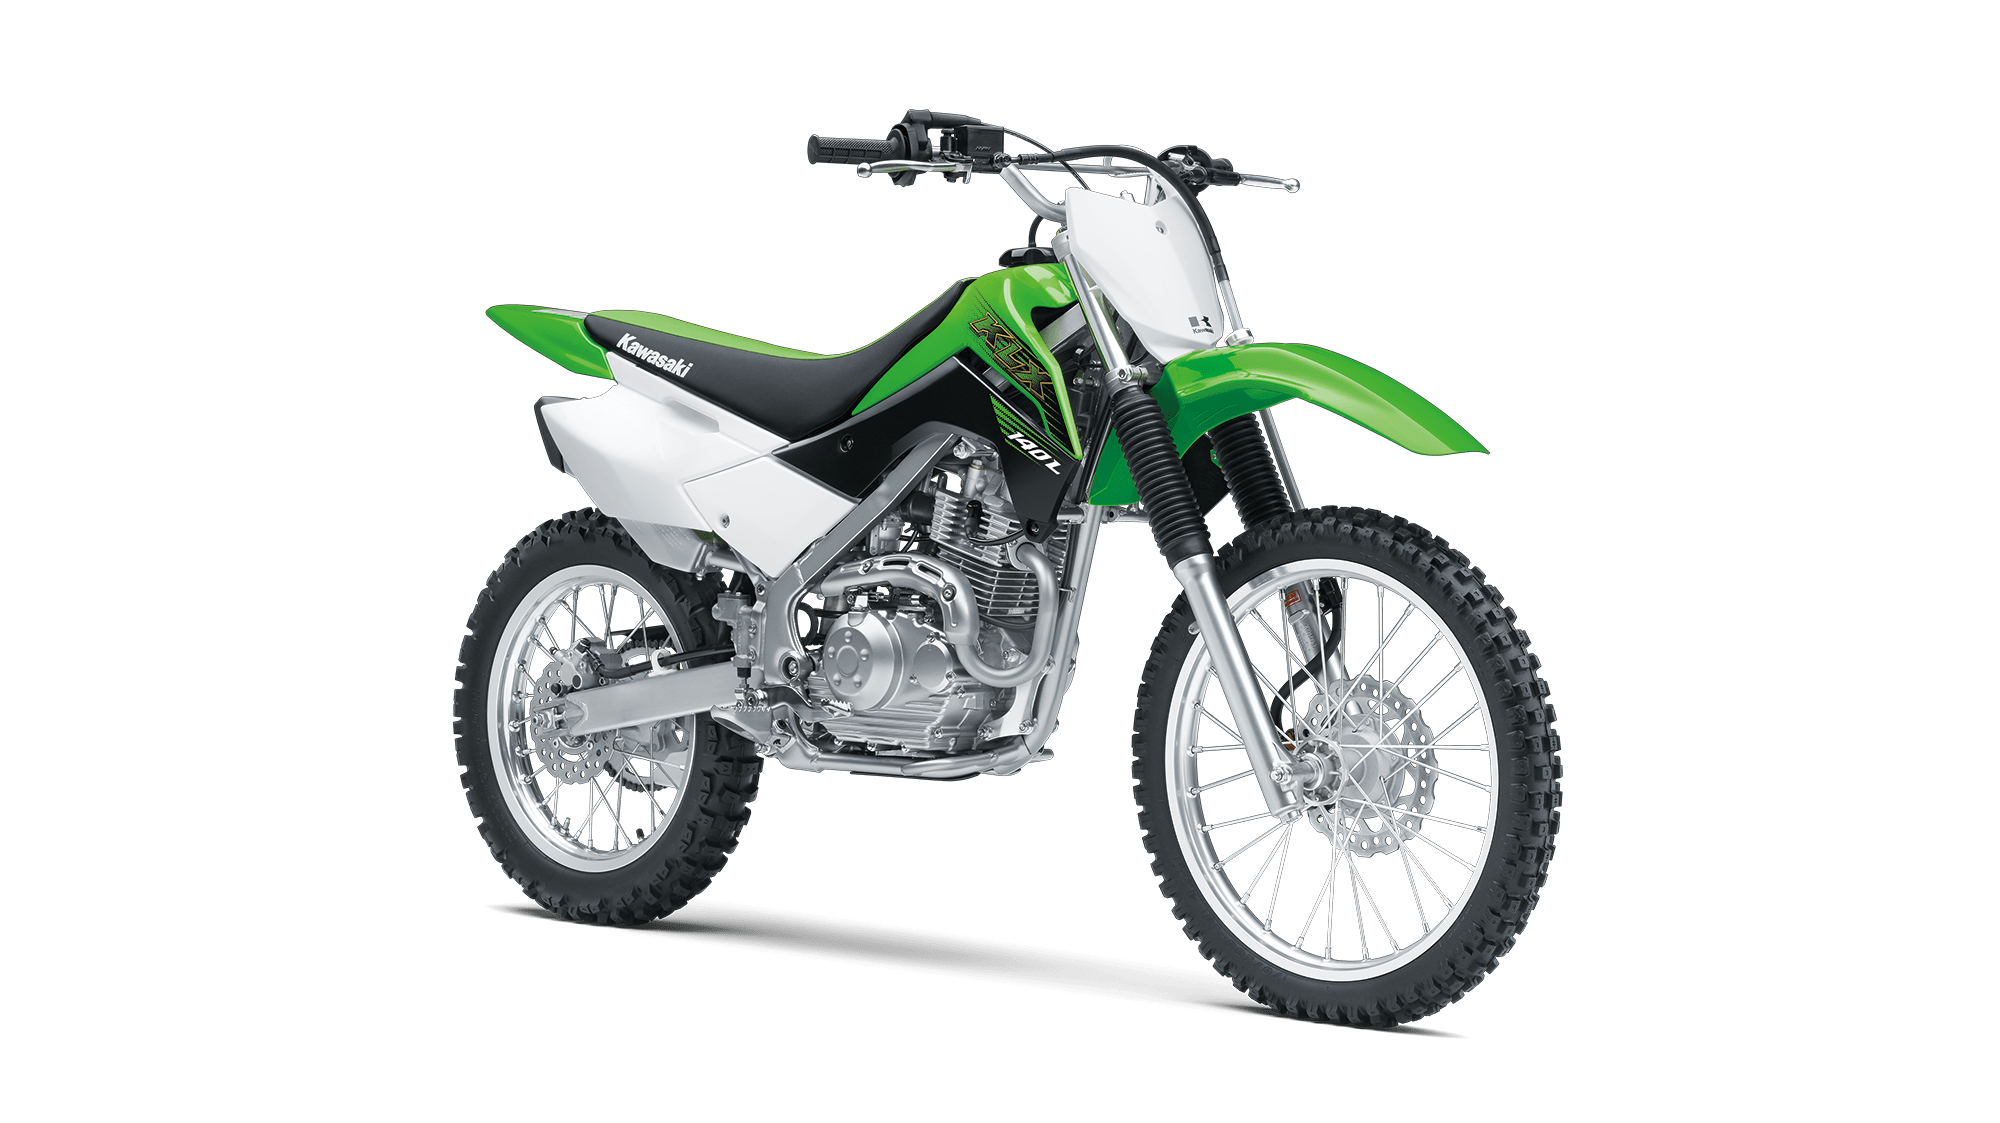 Klx 140l Klr Klx Motorcycle By Kawasaki